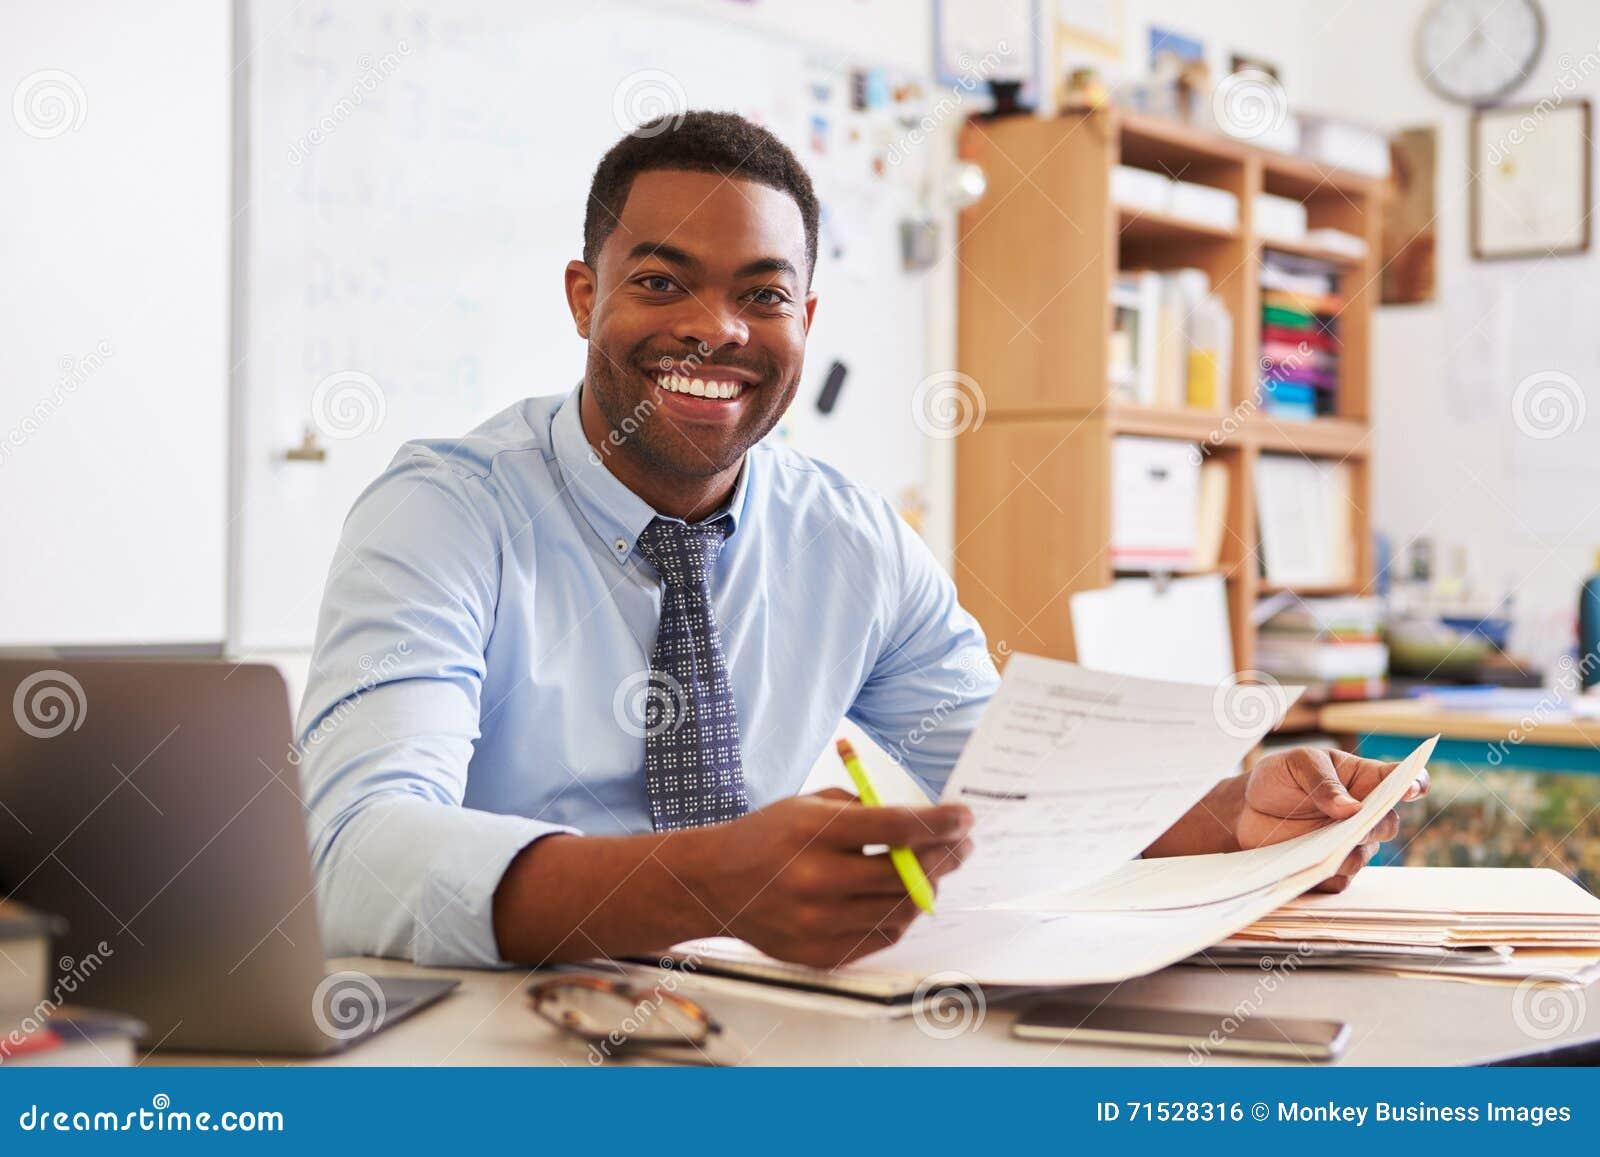 Портрет Афро-американского мужского учителя работая на столе